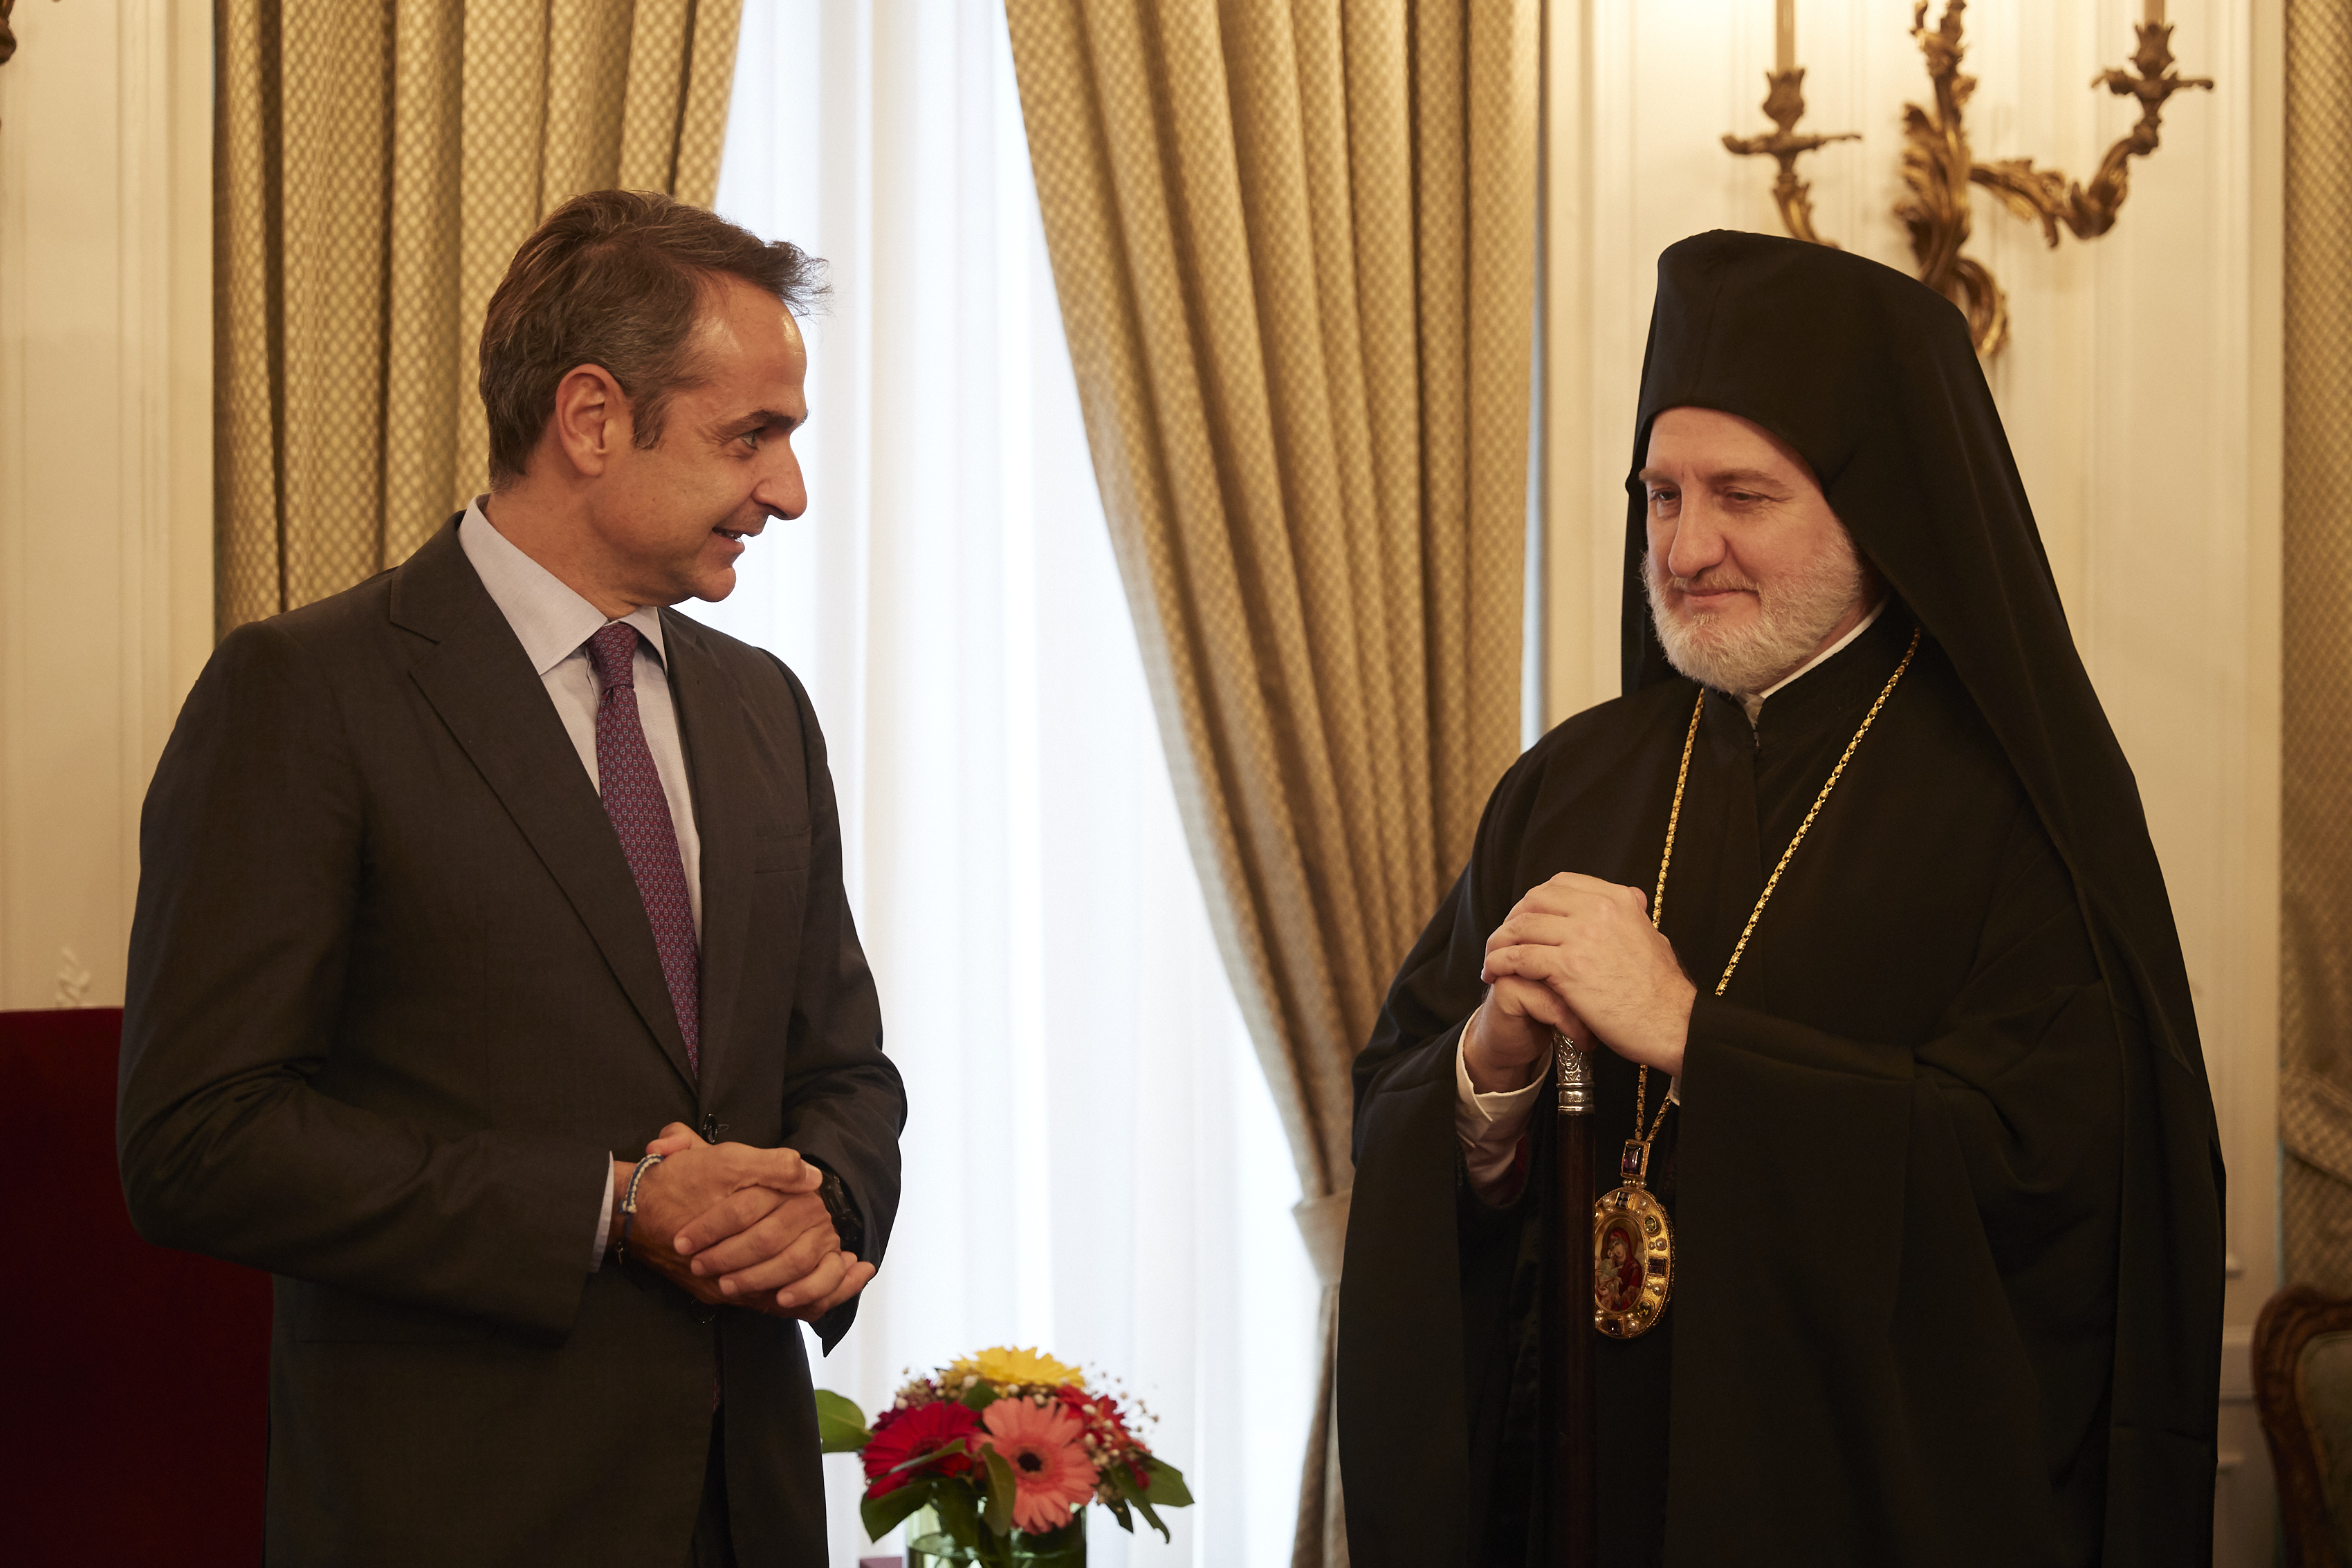 «Βράζουν» Αθήνα και Λευκωσία για τον Αρχιεπίσκοπο Αμερικής Ελπιδοφόρο – Το παρασκήνιο